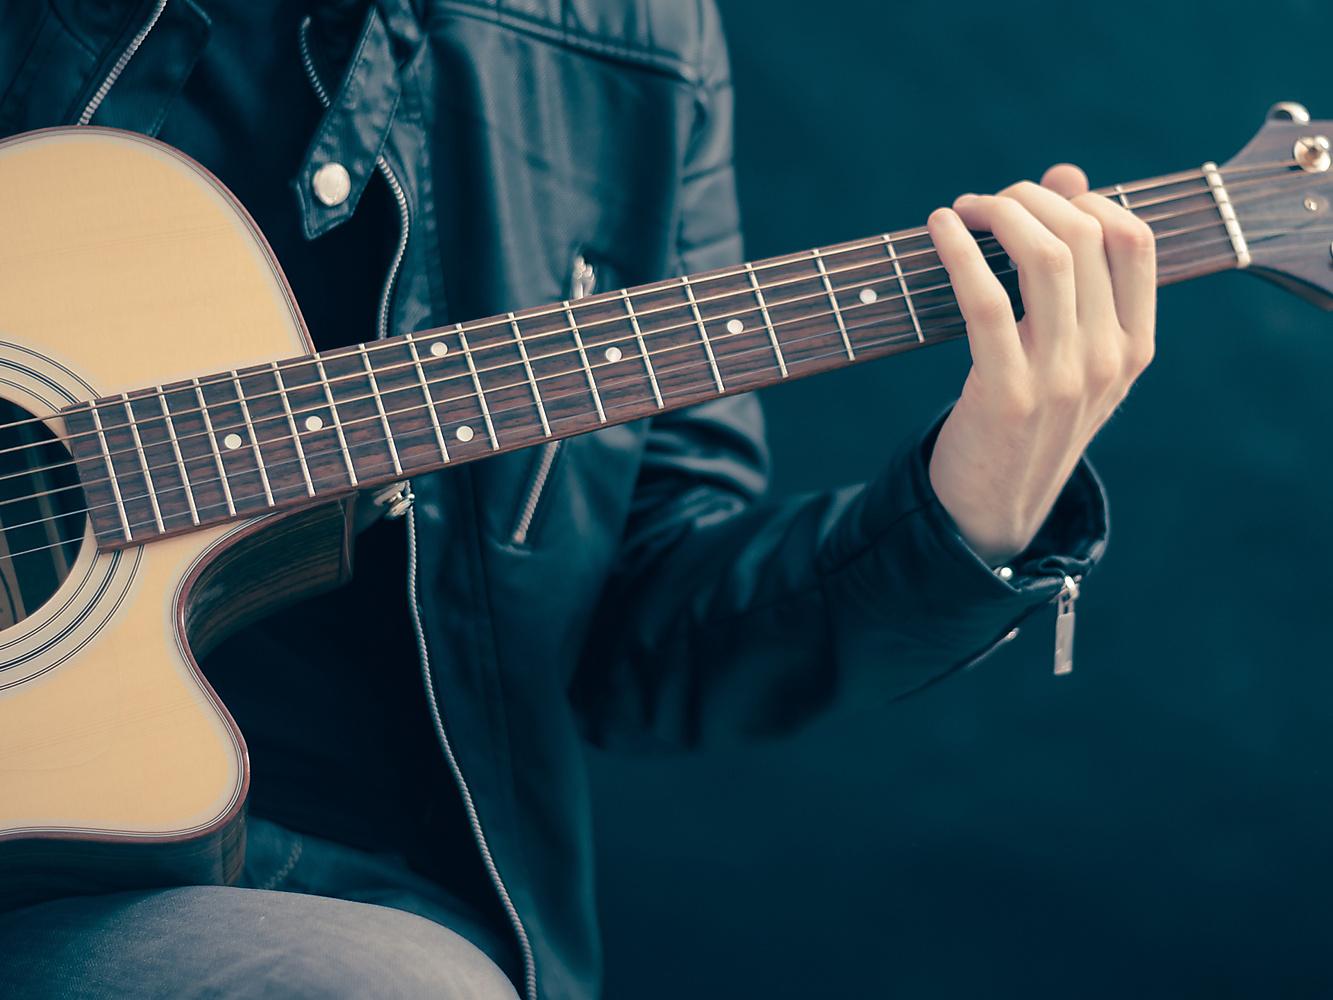 Nieuwe training voor leerkrachten: gitaarbegeleiding bij kinderliedjes